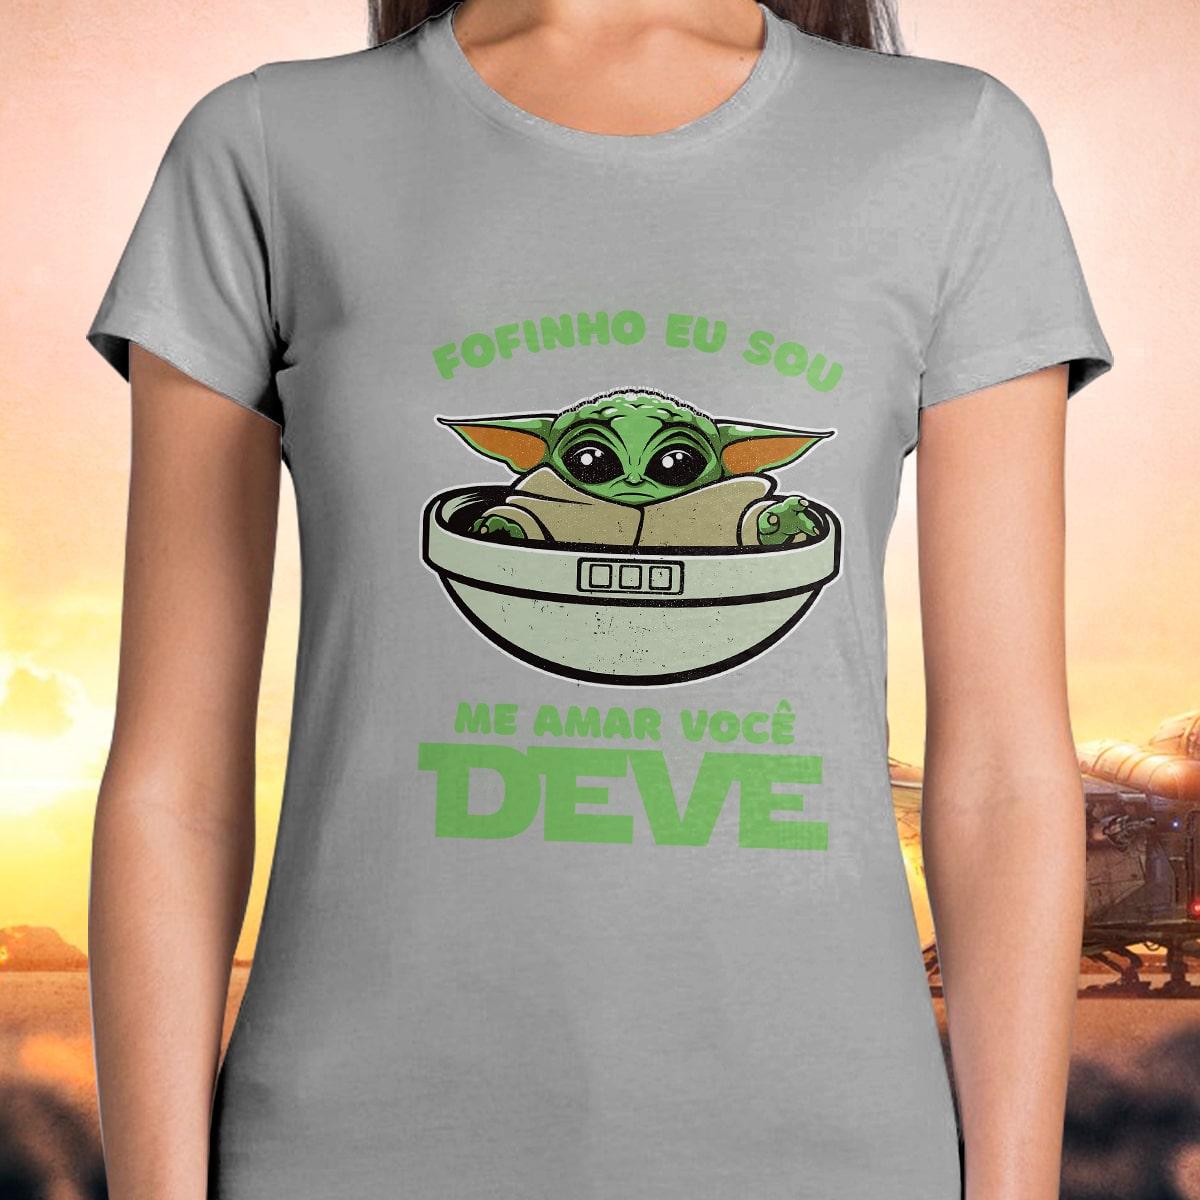 Camiseta Feminina Grogu ''Baby Yoda'' Fofinho Eu Sou Me Amar Você Deve: Star Wars (Disney)